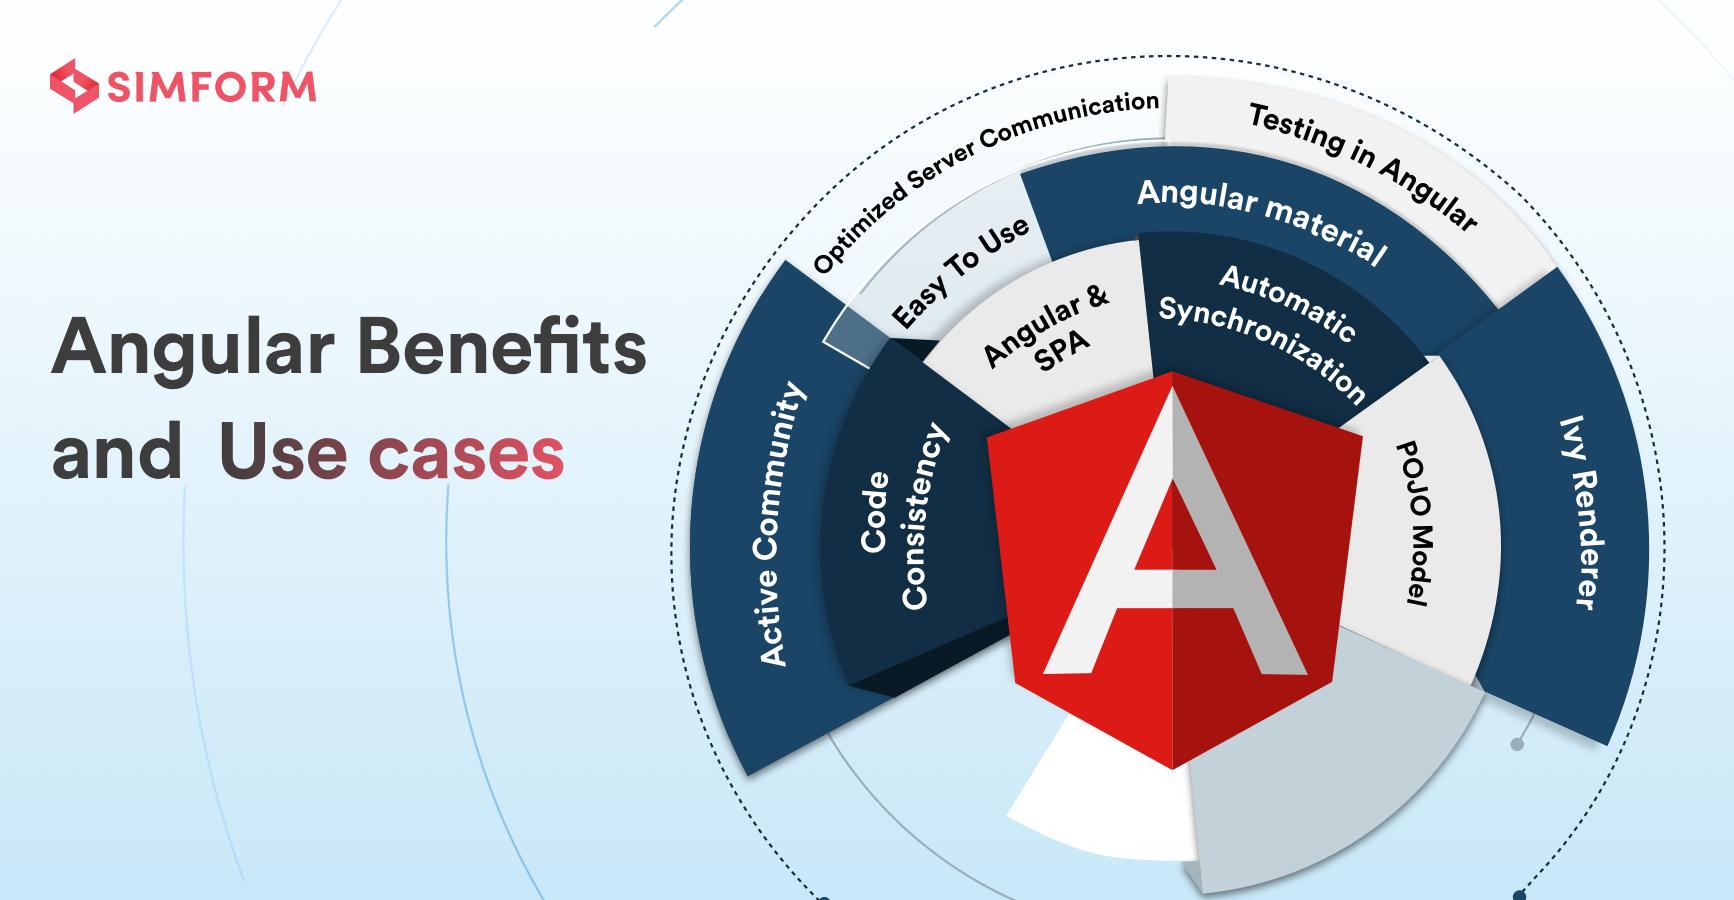 Angular benefits